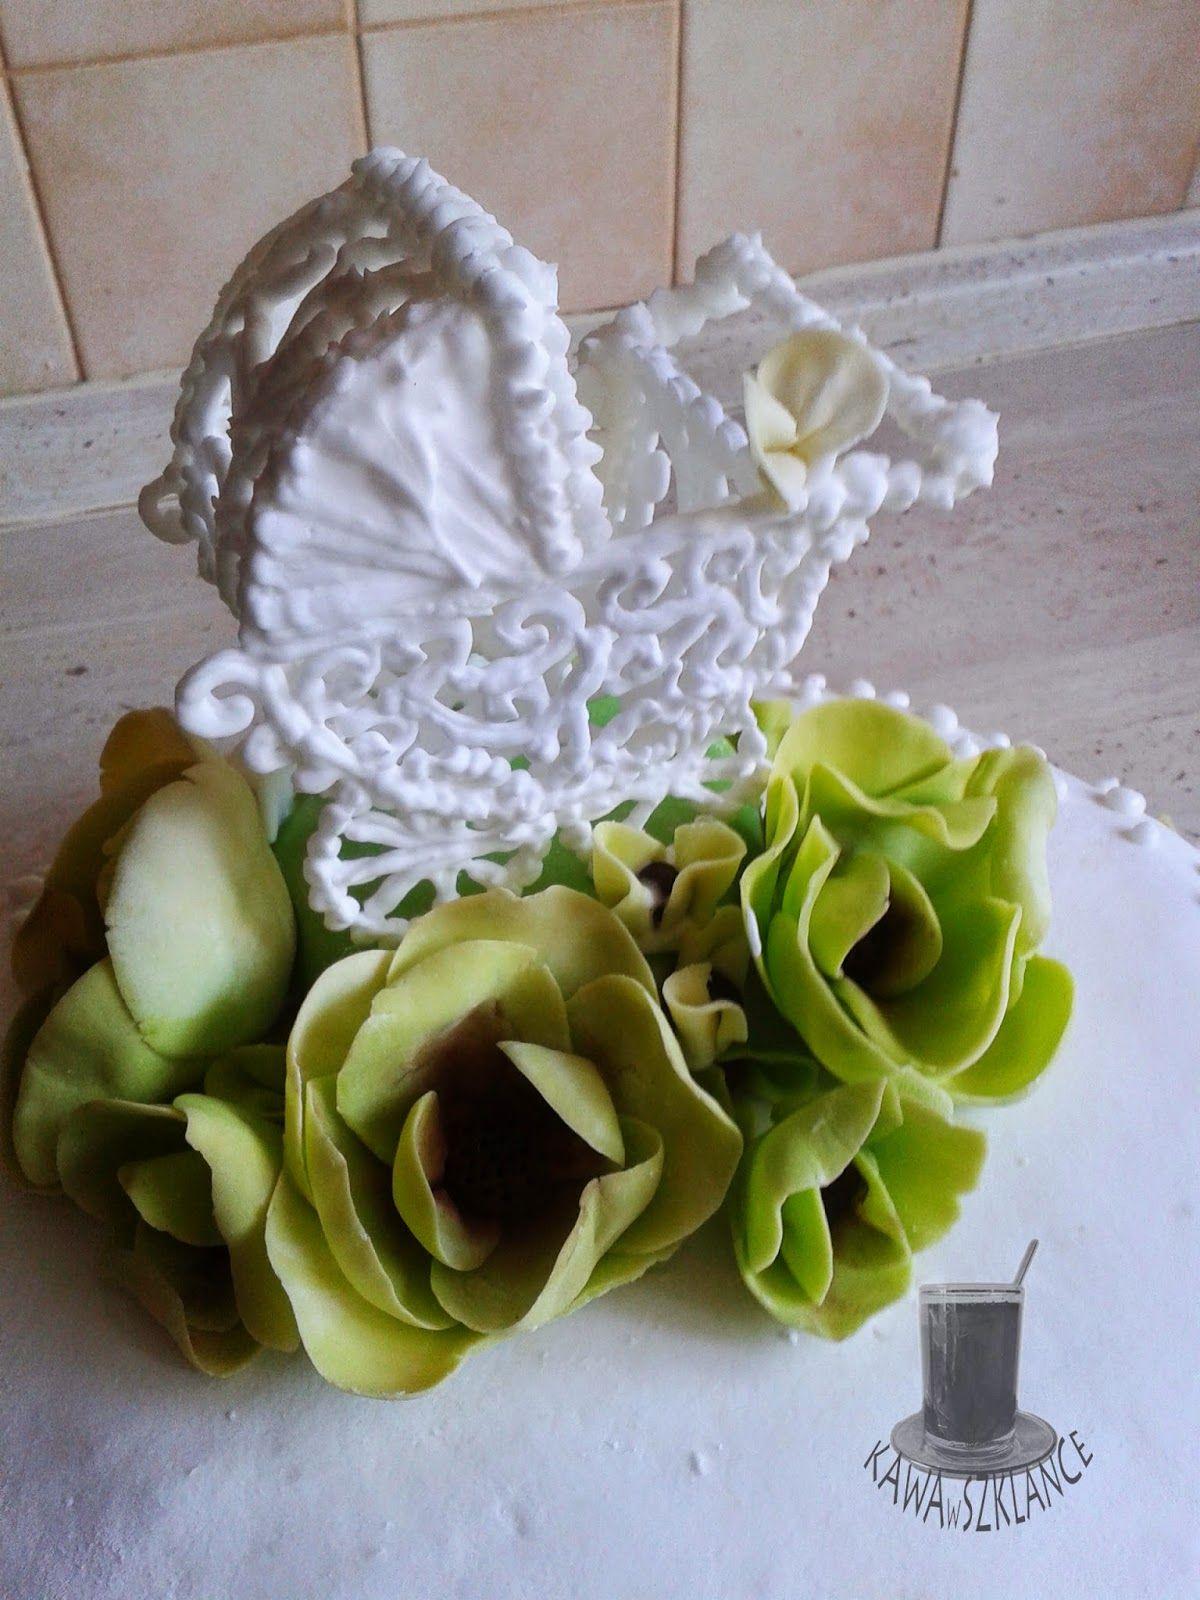 O Moich Pasjach Kulinarnych Dnia Biezacego I Porywach Dnia Nastepnego Kolyska Wozek Z Lukru Krolewskiego Instrukcja Wykonania Royal Icing Food Vegetables